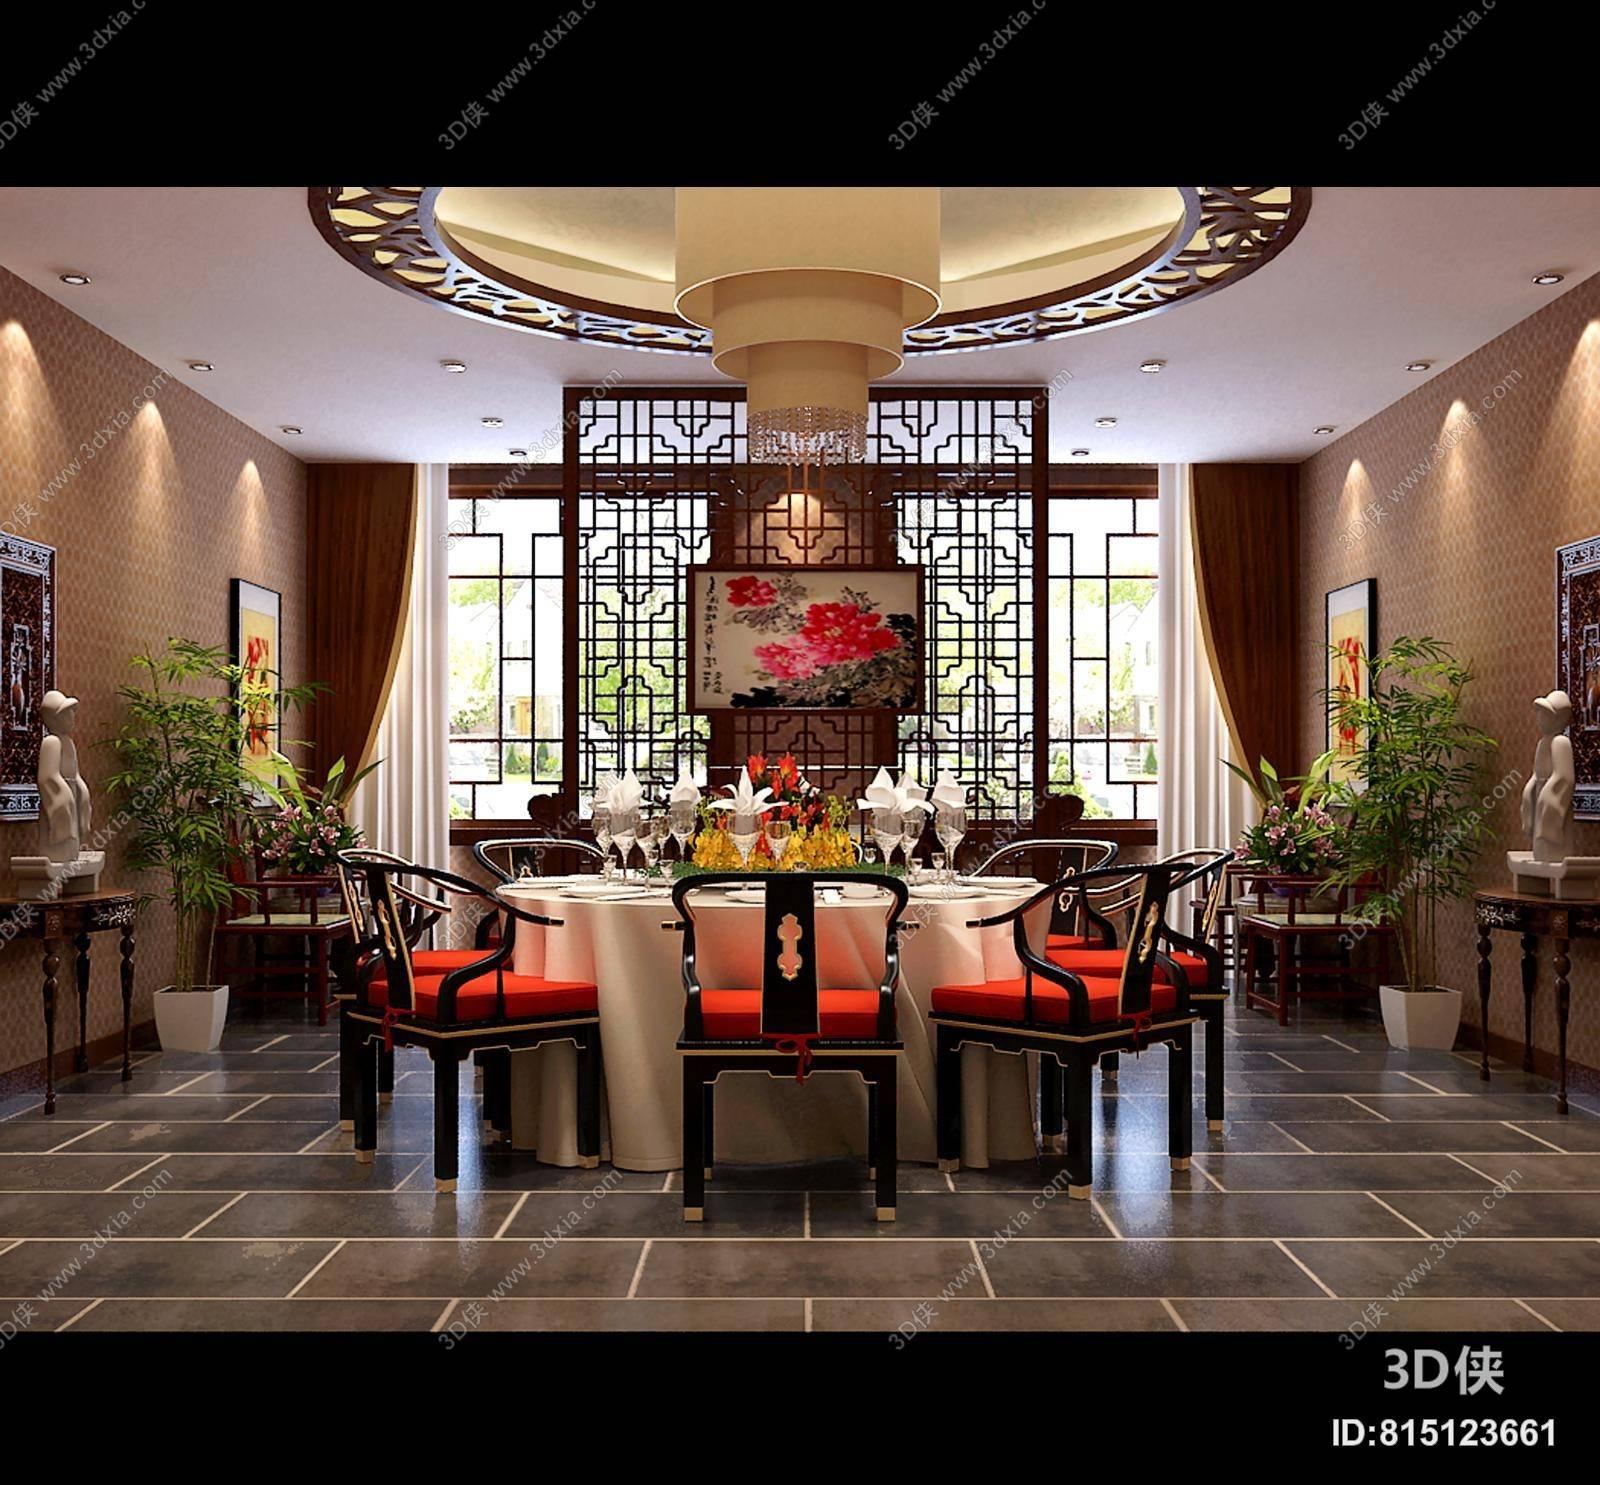 2009,建议使用3dmax 2012 软件打开,该传统中式别墅餐厅图片素材大小